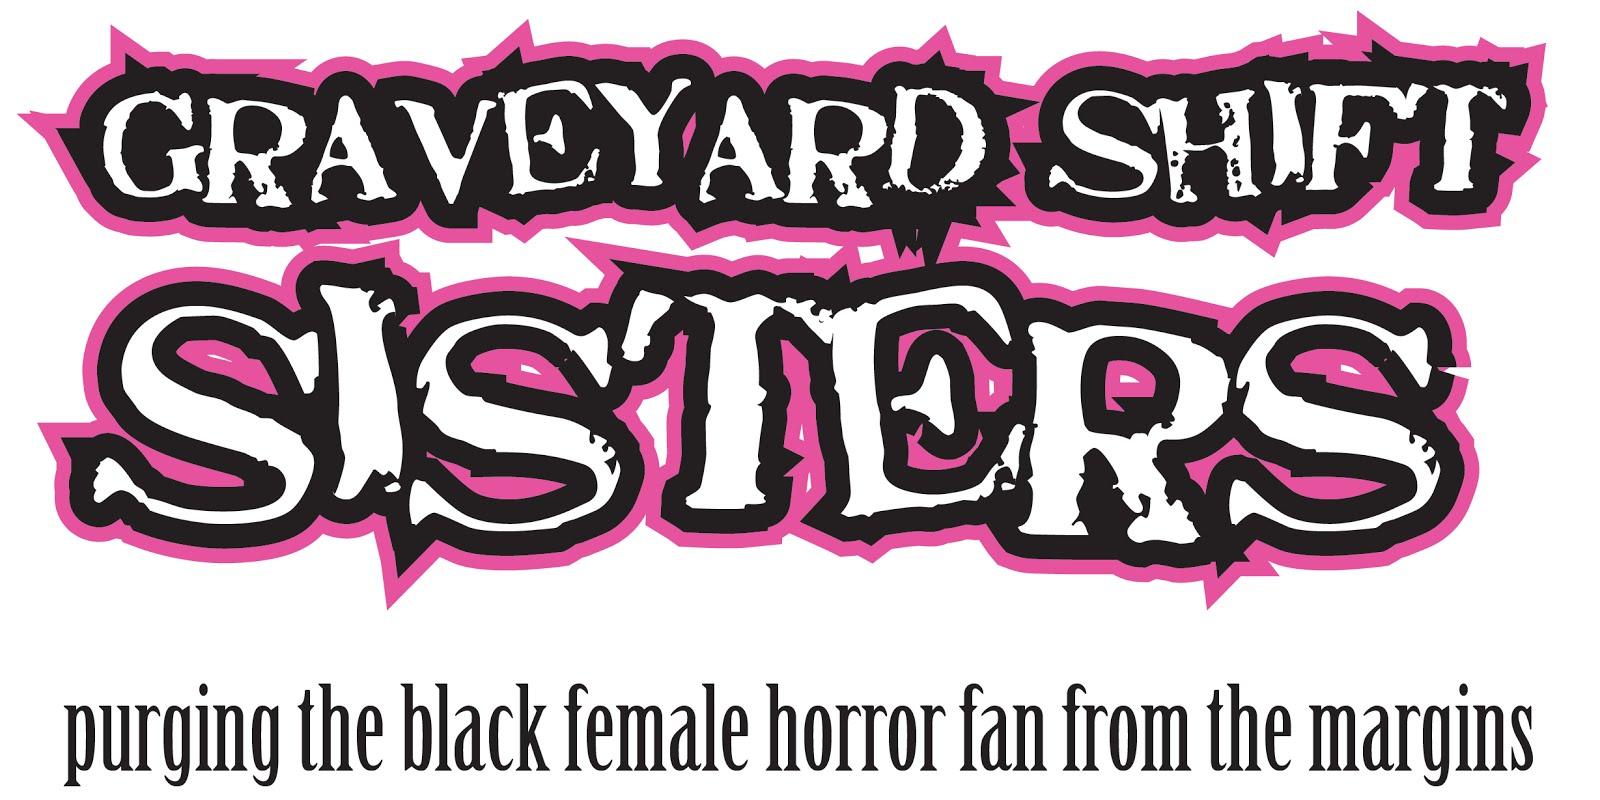 Graveyard Shift Sisters